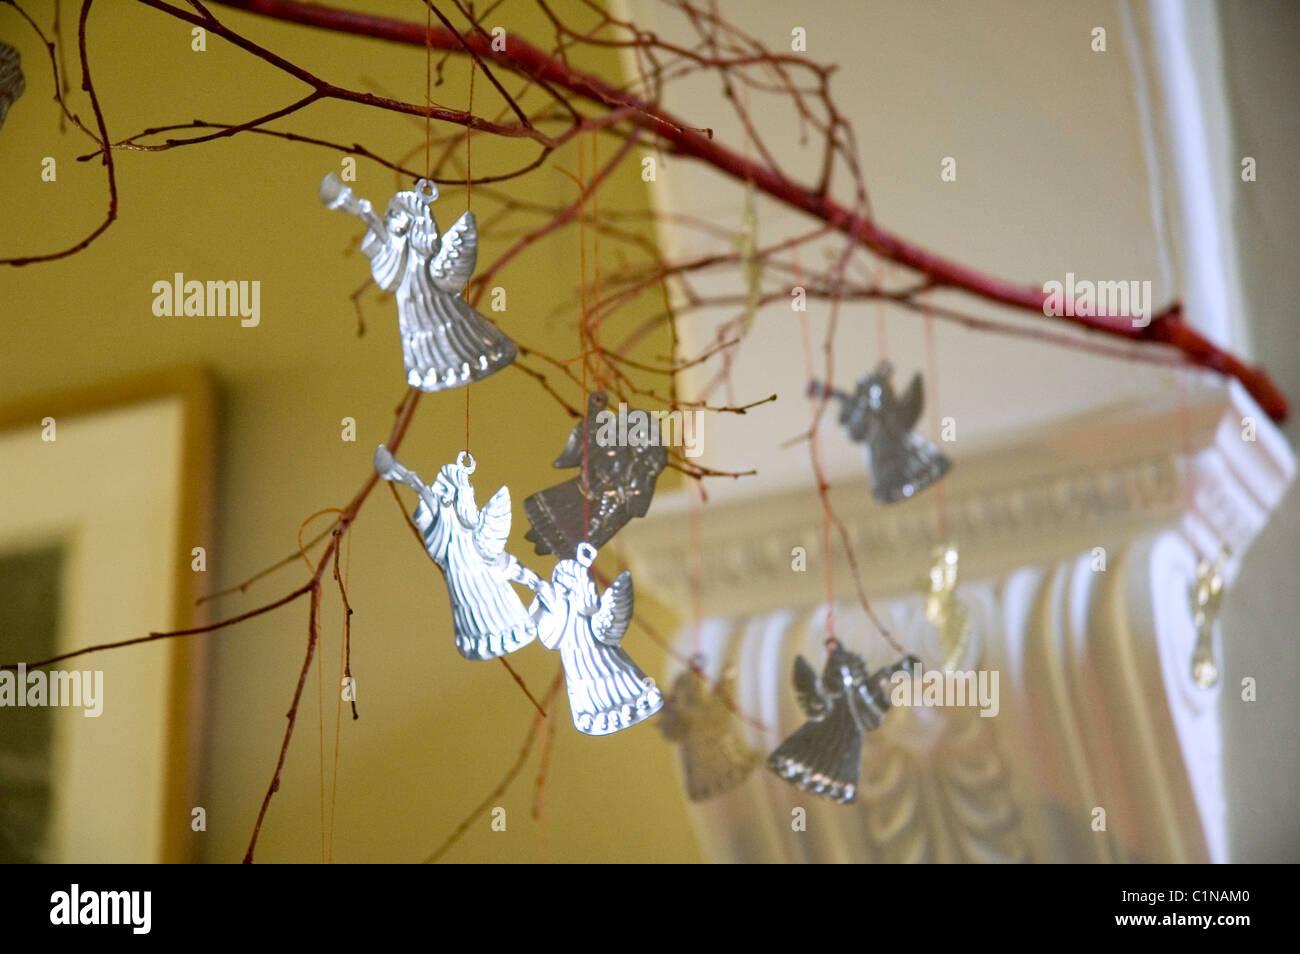 Tin angel decoraciones de navidad colgando de una rama Imagen De Stock